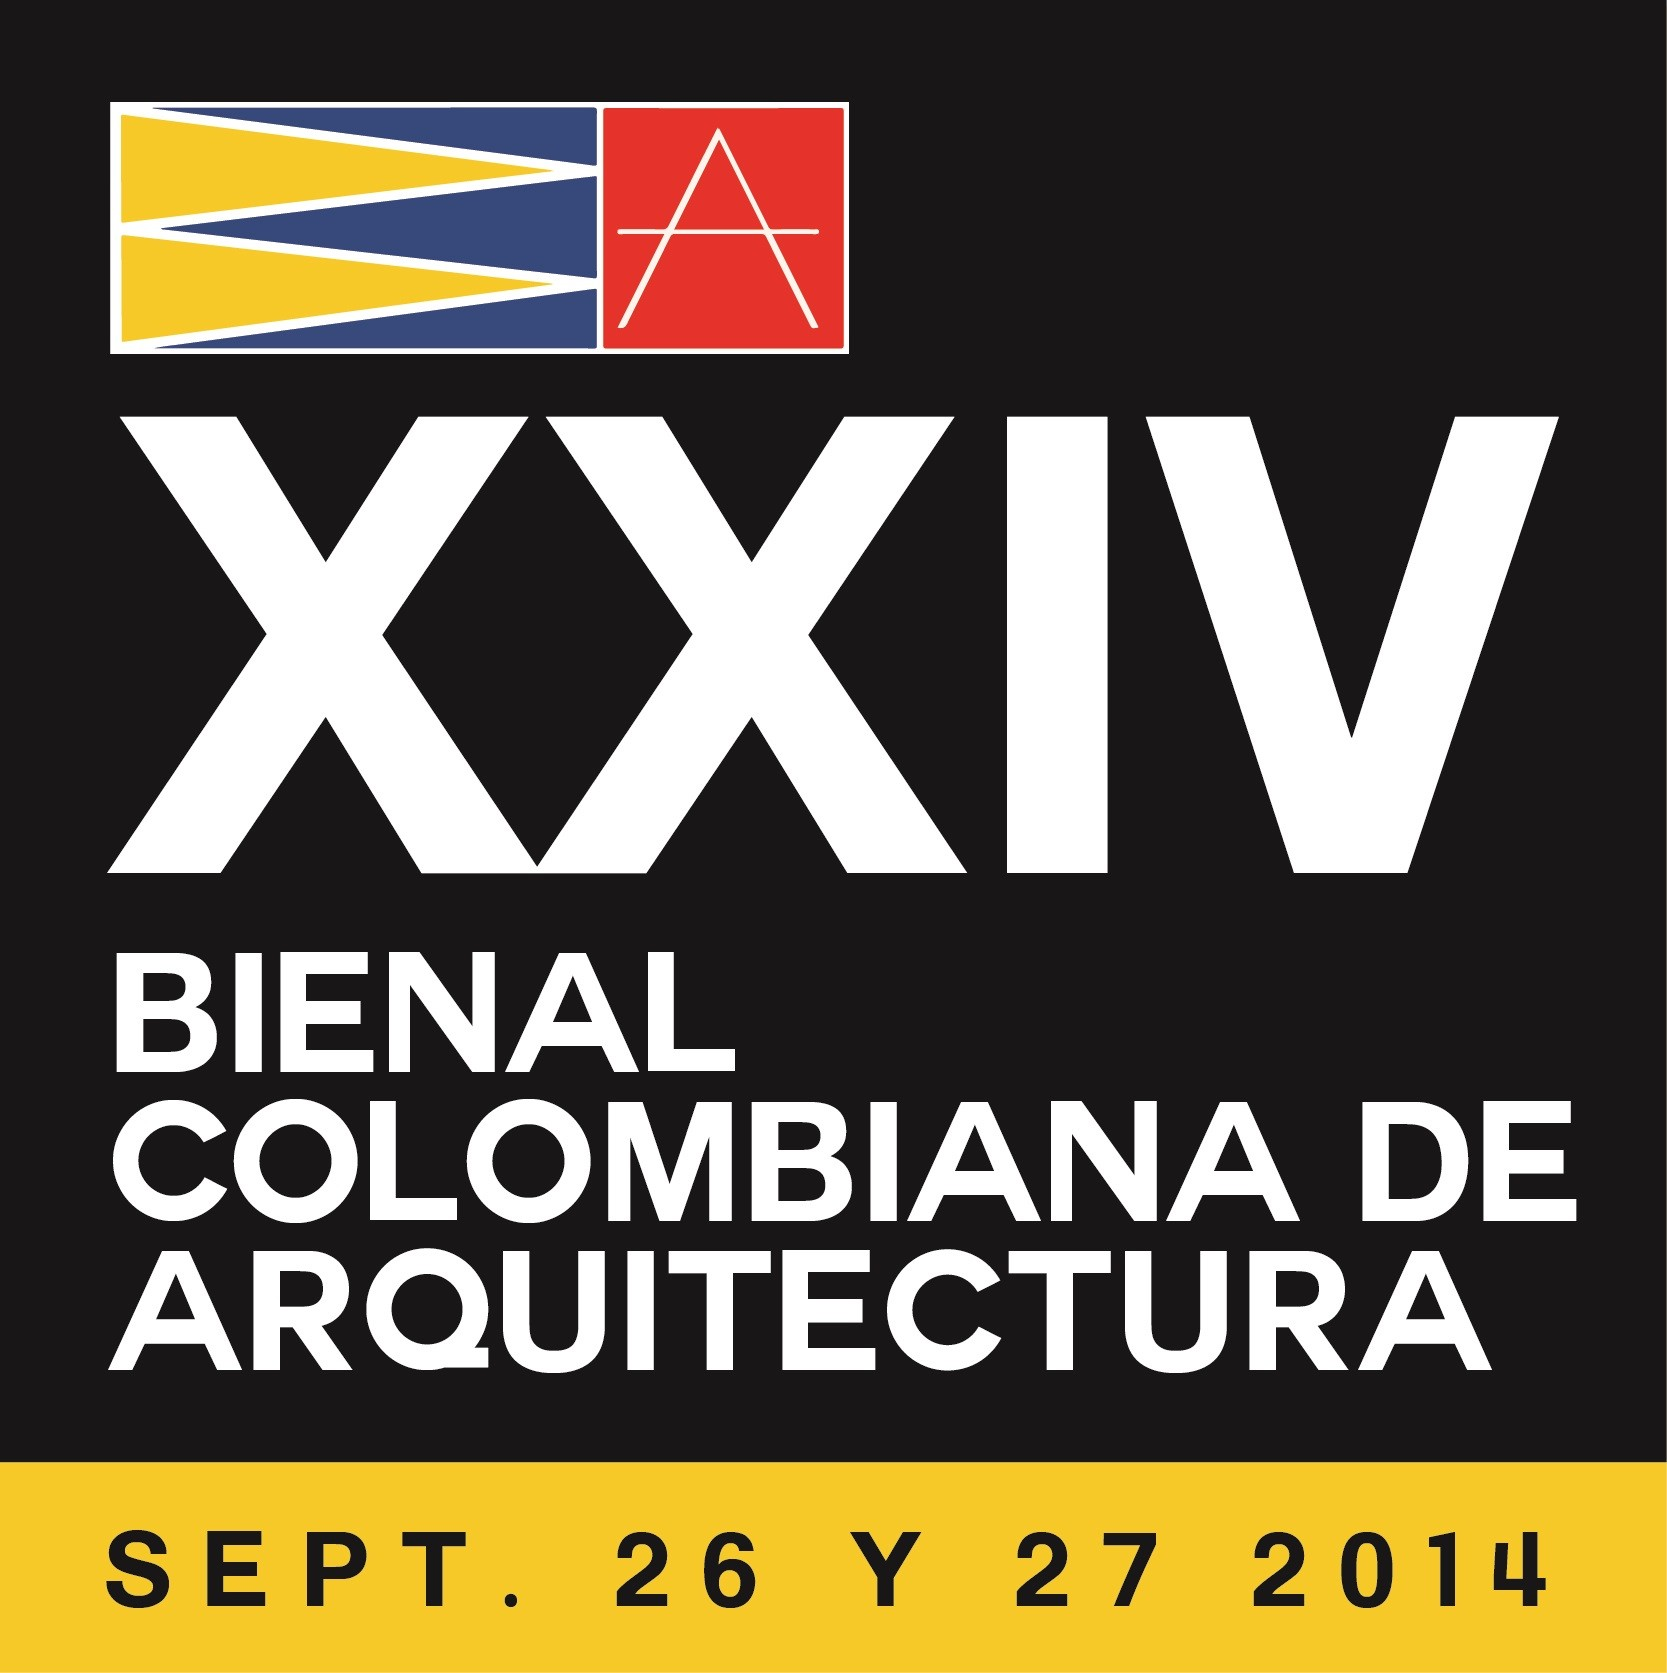 XXIV Bienal Colombiana de Arquitectura 2014